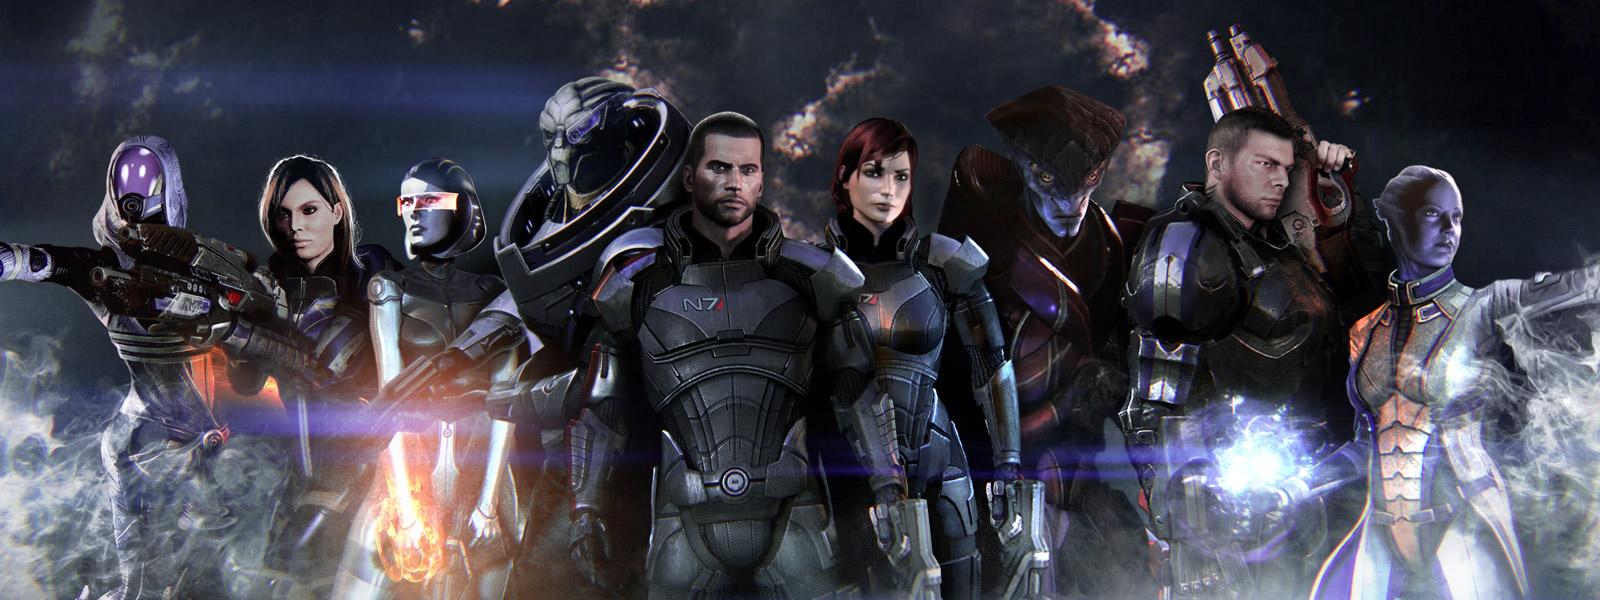 10. X. Mass Effect ...